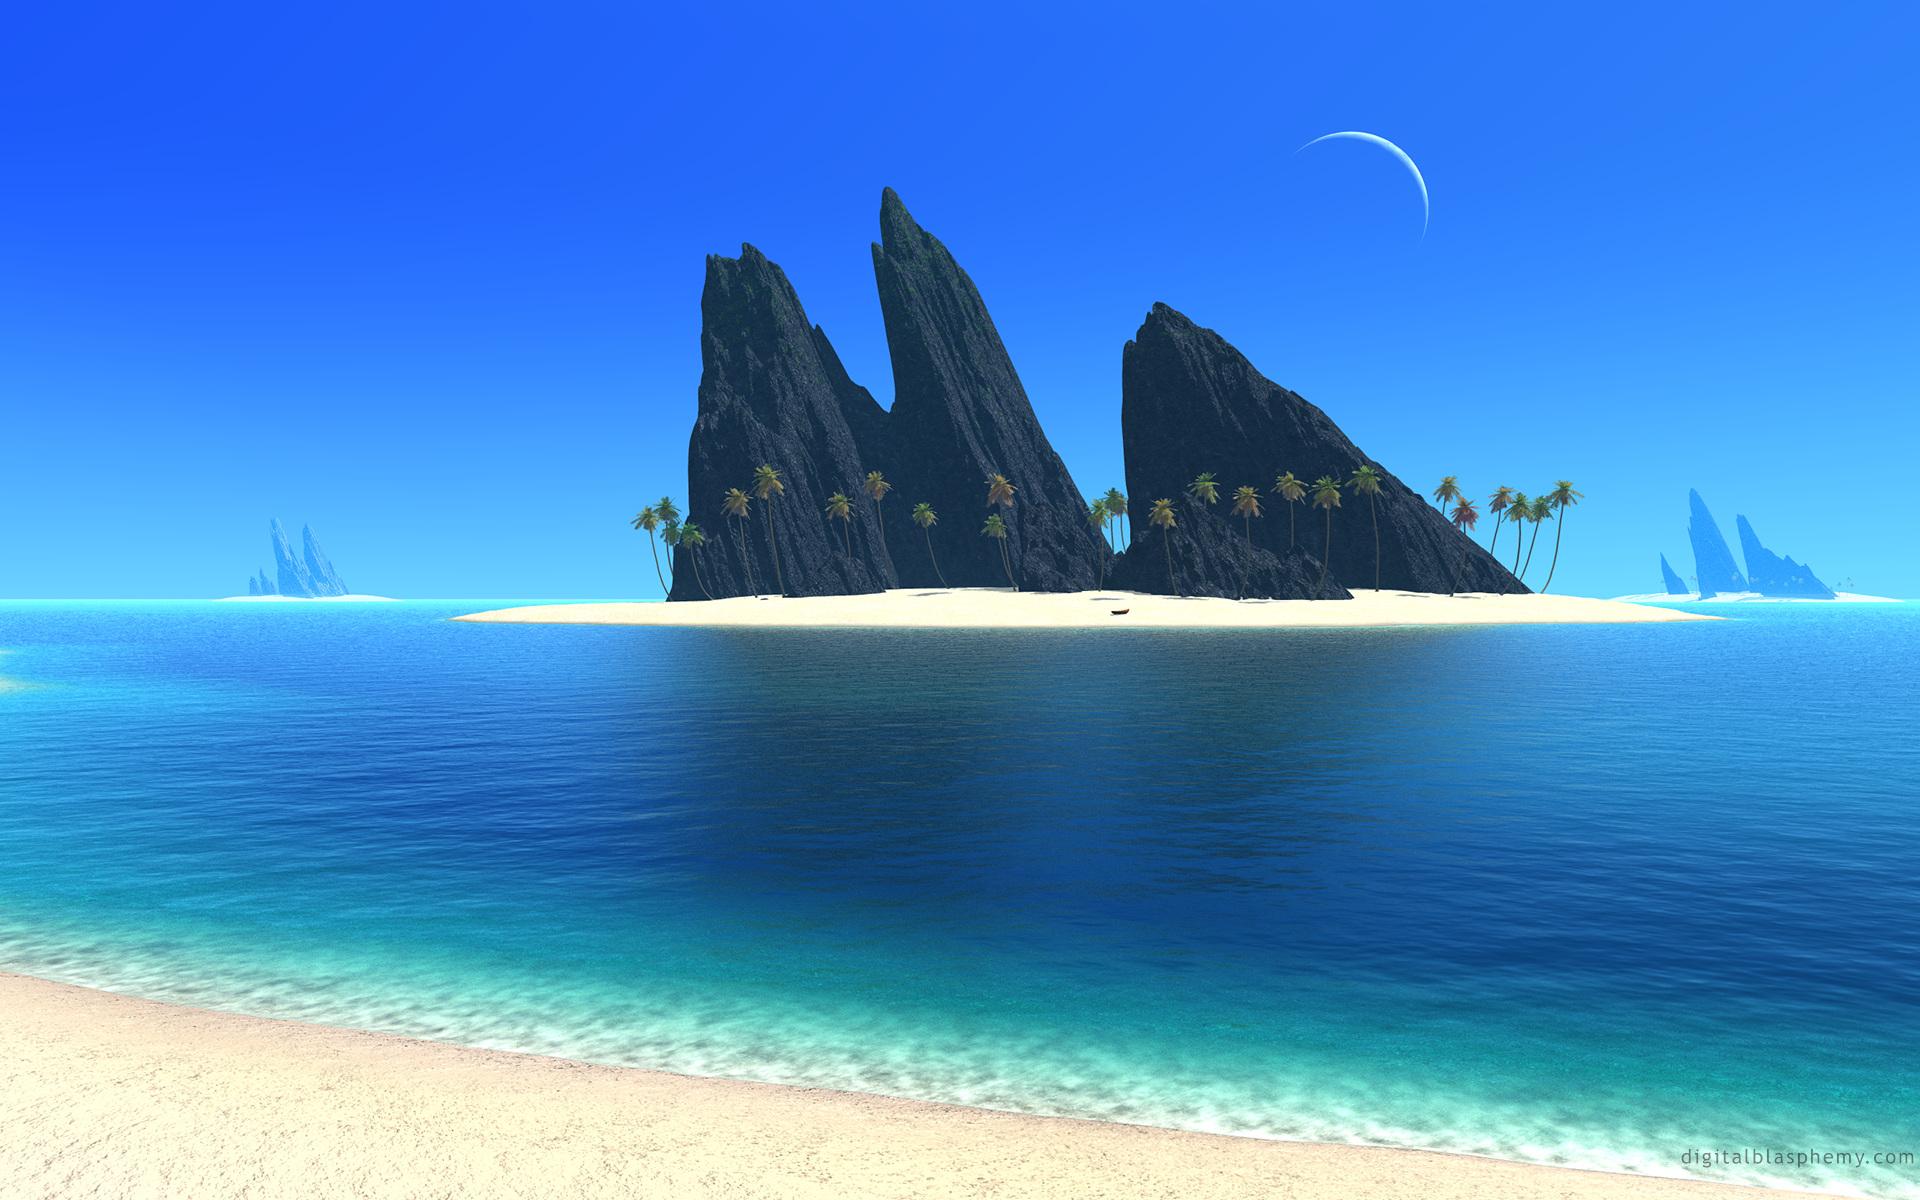 Best Beaches HD Wallpaper 1920 X 1200 01 1920x1200